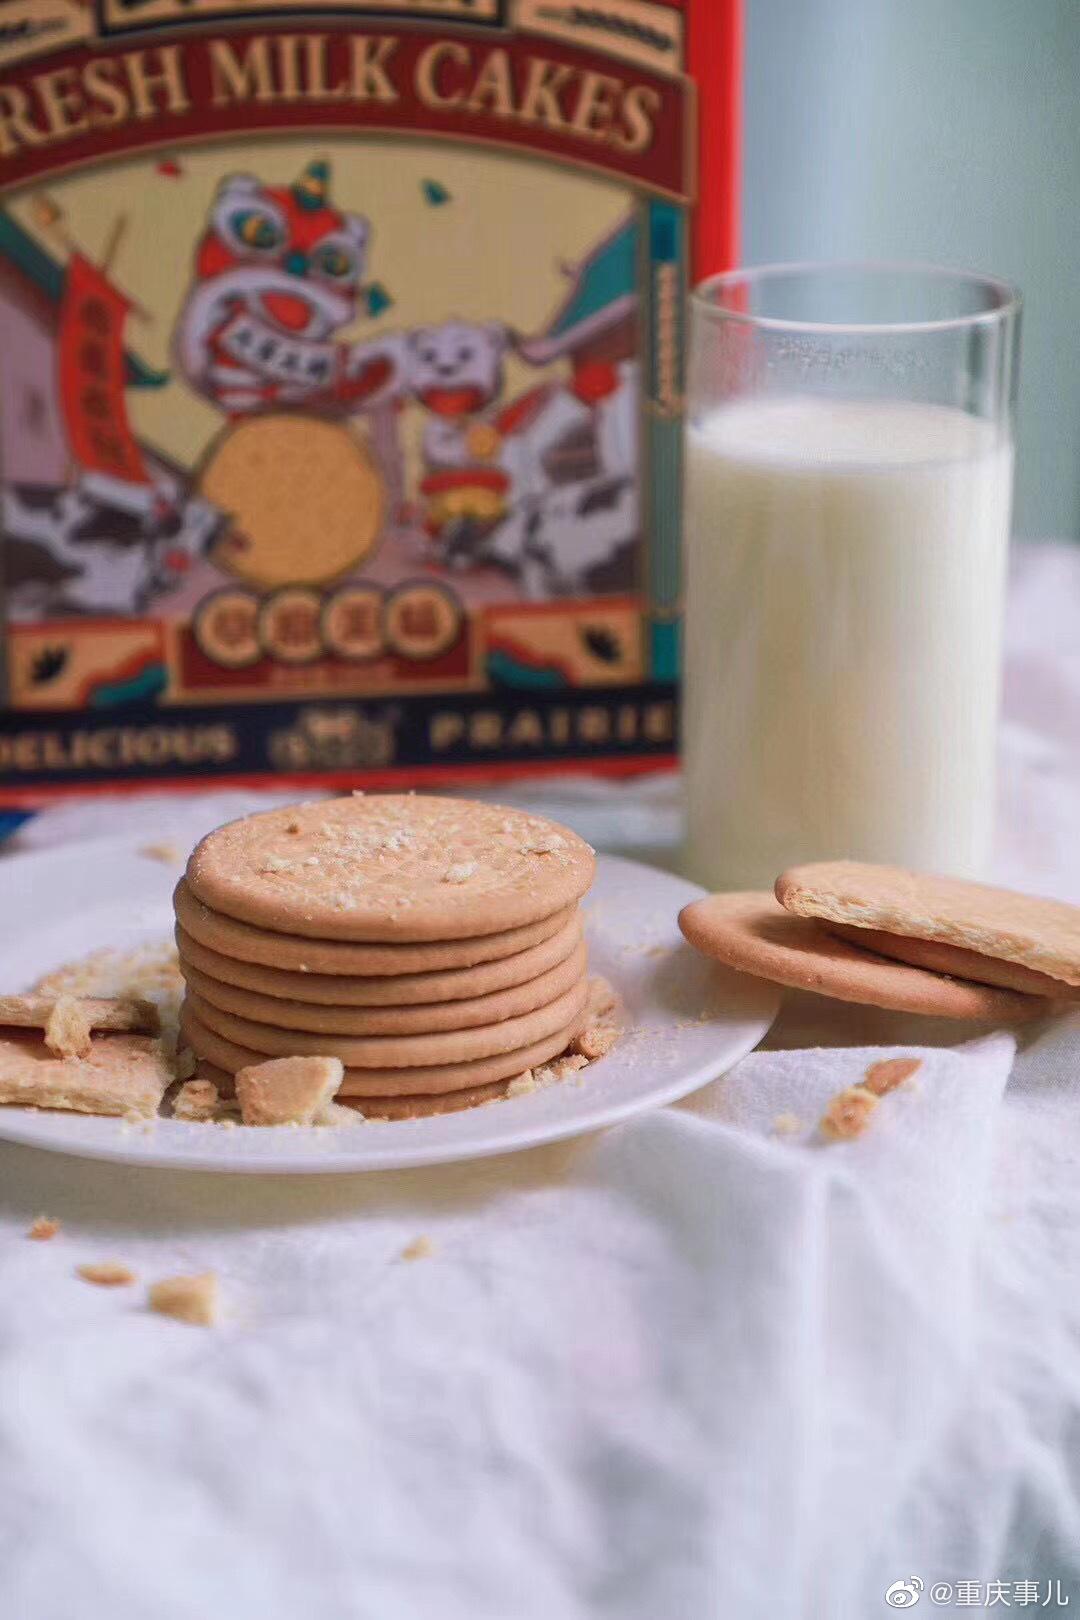 推荐一款网红爆款小零食1⃣️李佳琦5分钟卖出9万份的鲜乳大饼是真